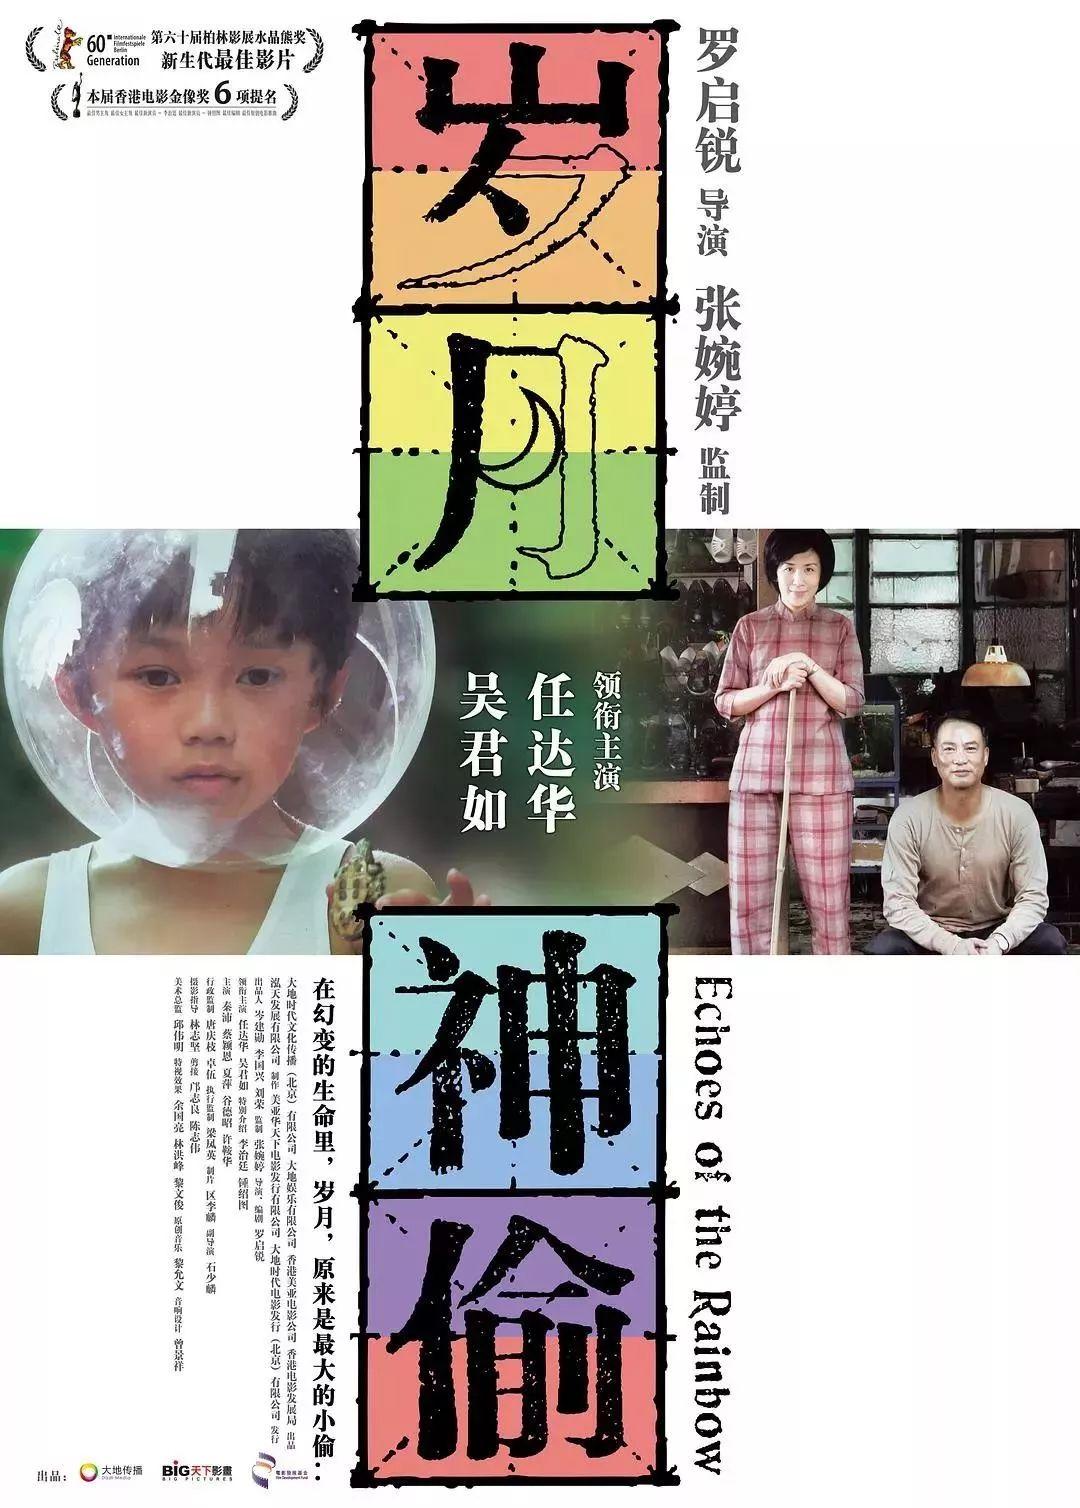 """发掘周润发黎明李治廷…这位女导演才是""""男神制造机"""""""